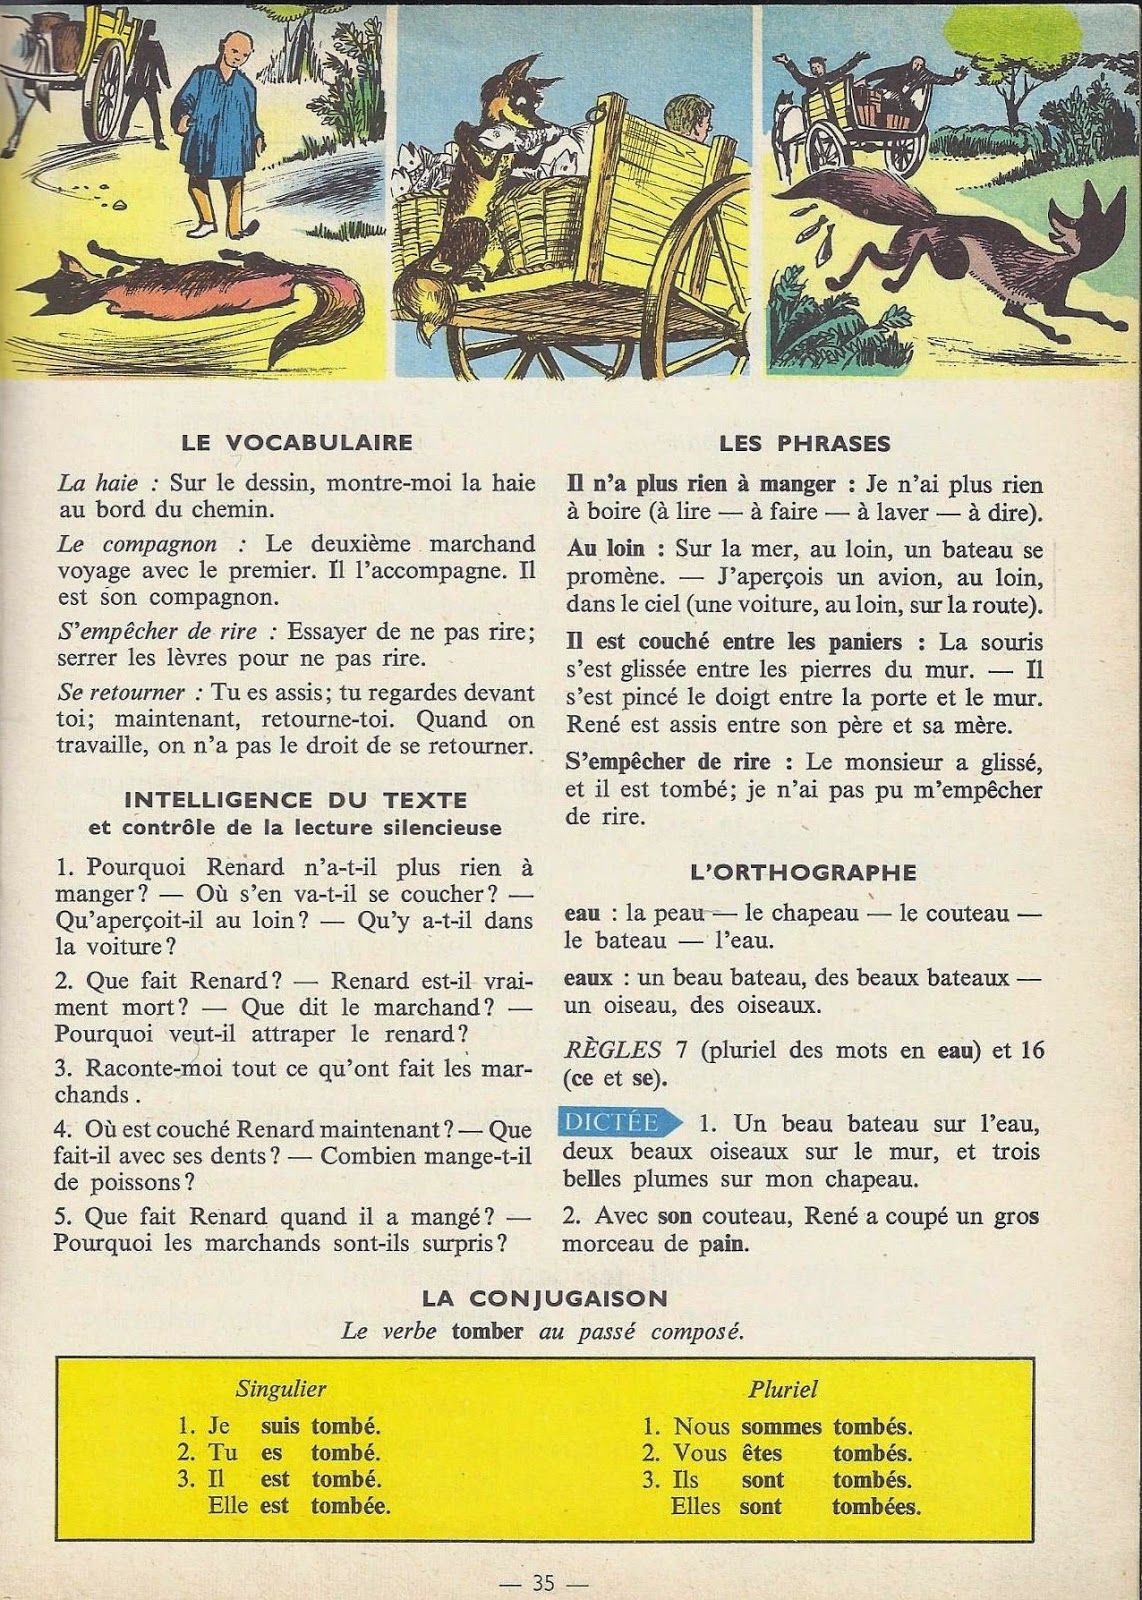 Manuels Anciens Tranchart Levert Rognoni Bien Lire Et Comprendre Cours Elementaire 1963 Grandes Enfants Francais Exercice Francais Ce1 Livre De Lecture